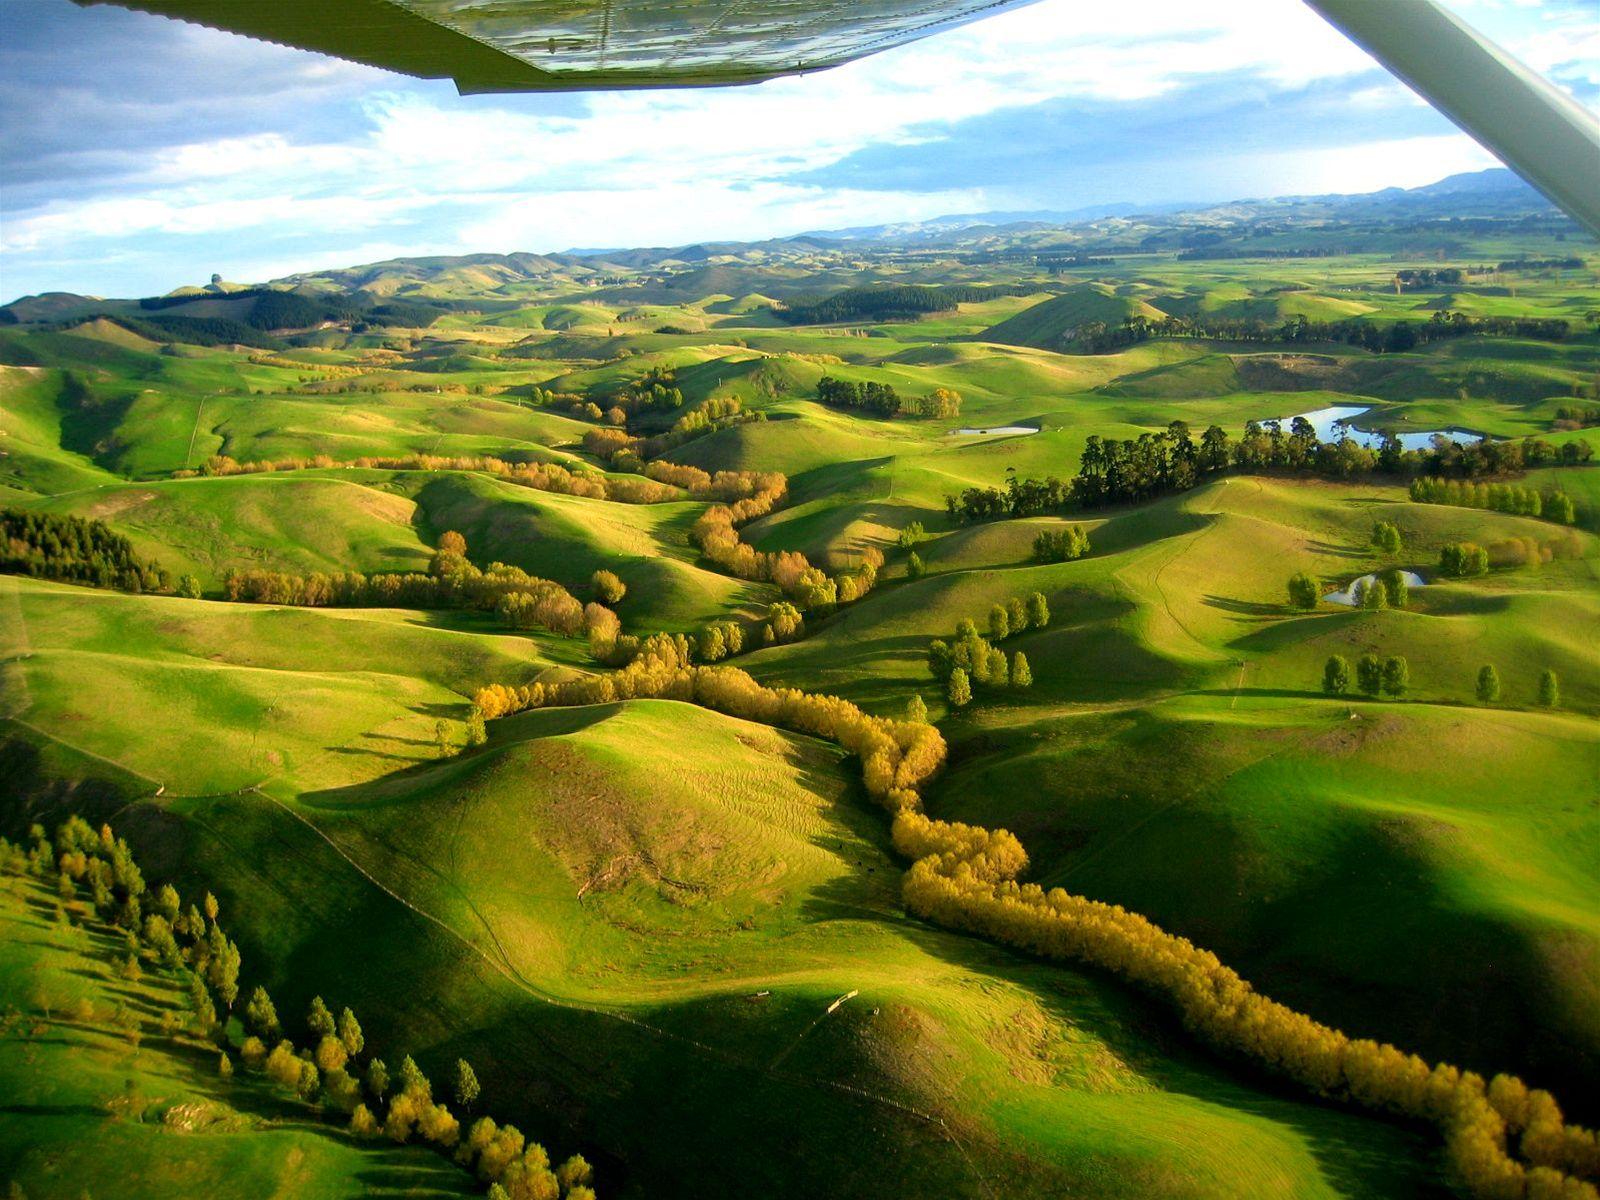 Cena: martin havlík - nový zéland, krajina poblíž východního